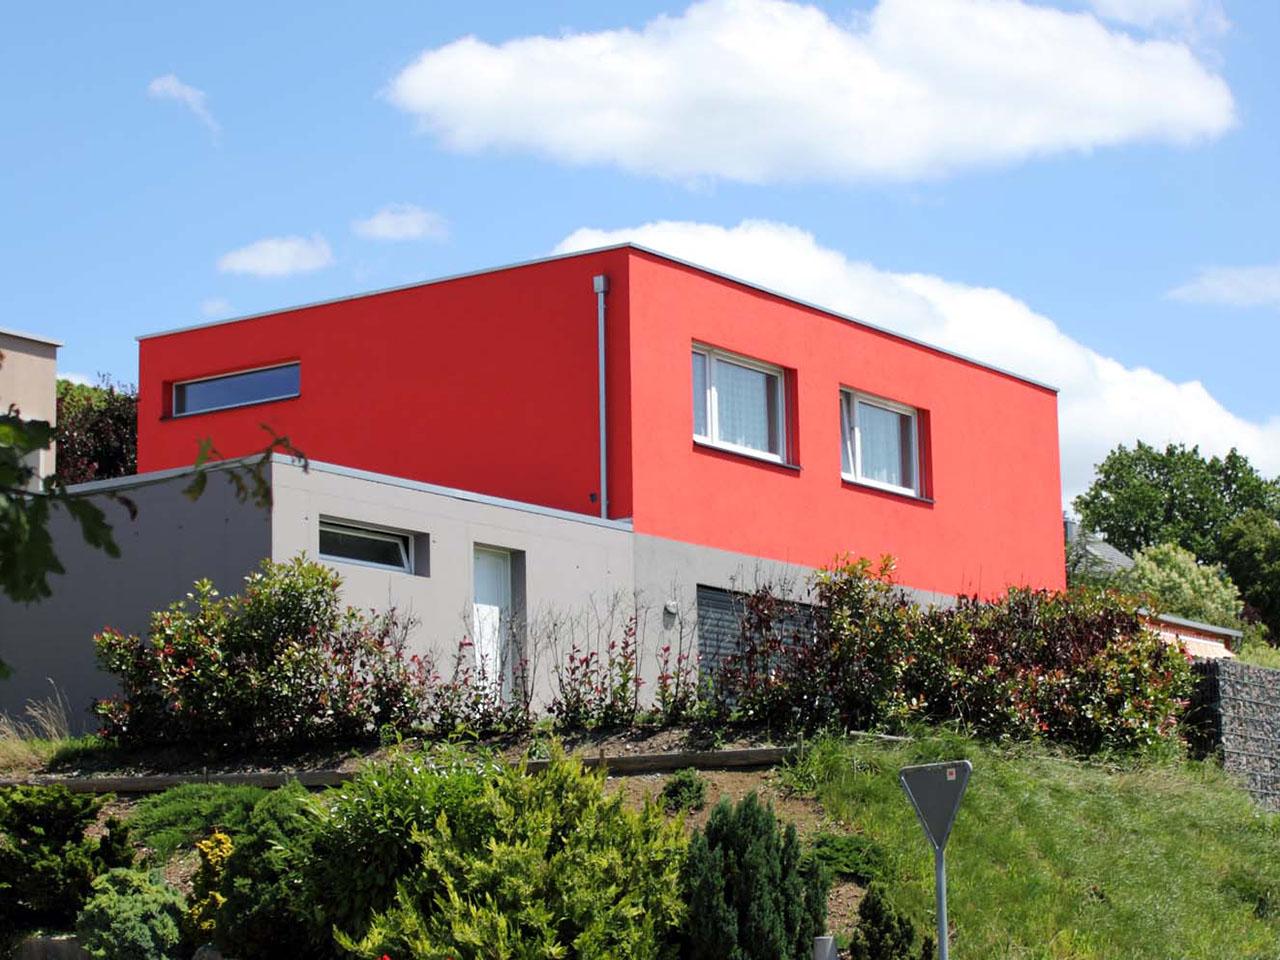 laubhus-architektur-einfamilienhaus-doettingen